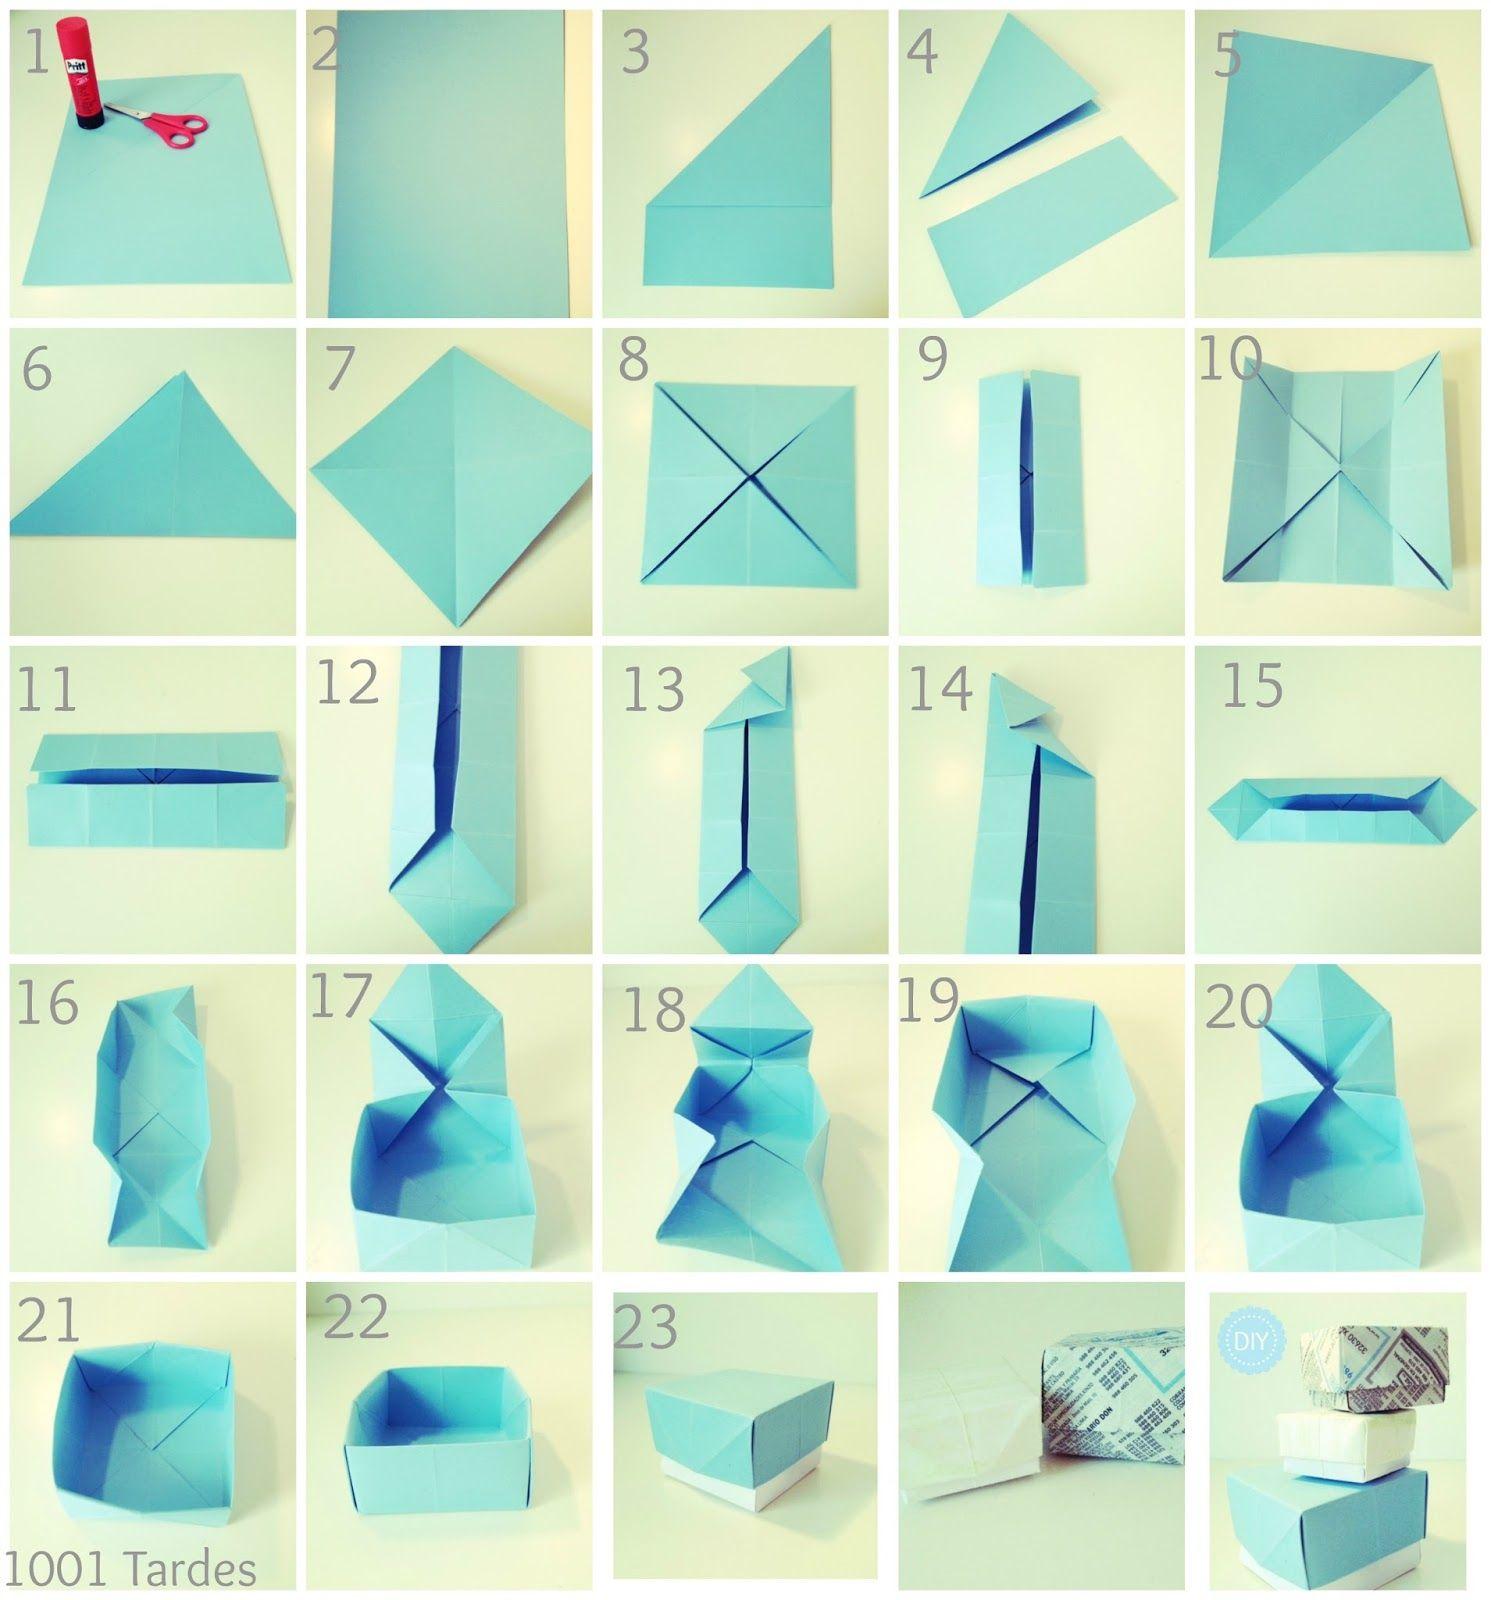 Como hacer cajas con cartulina correosdem xico correos - Como hacer cajitas de cartulina ...